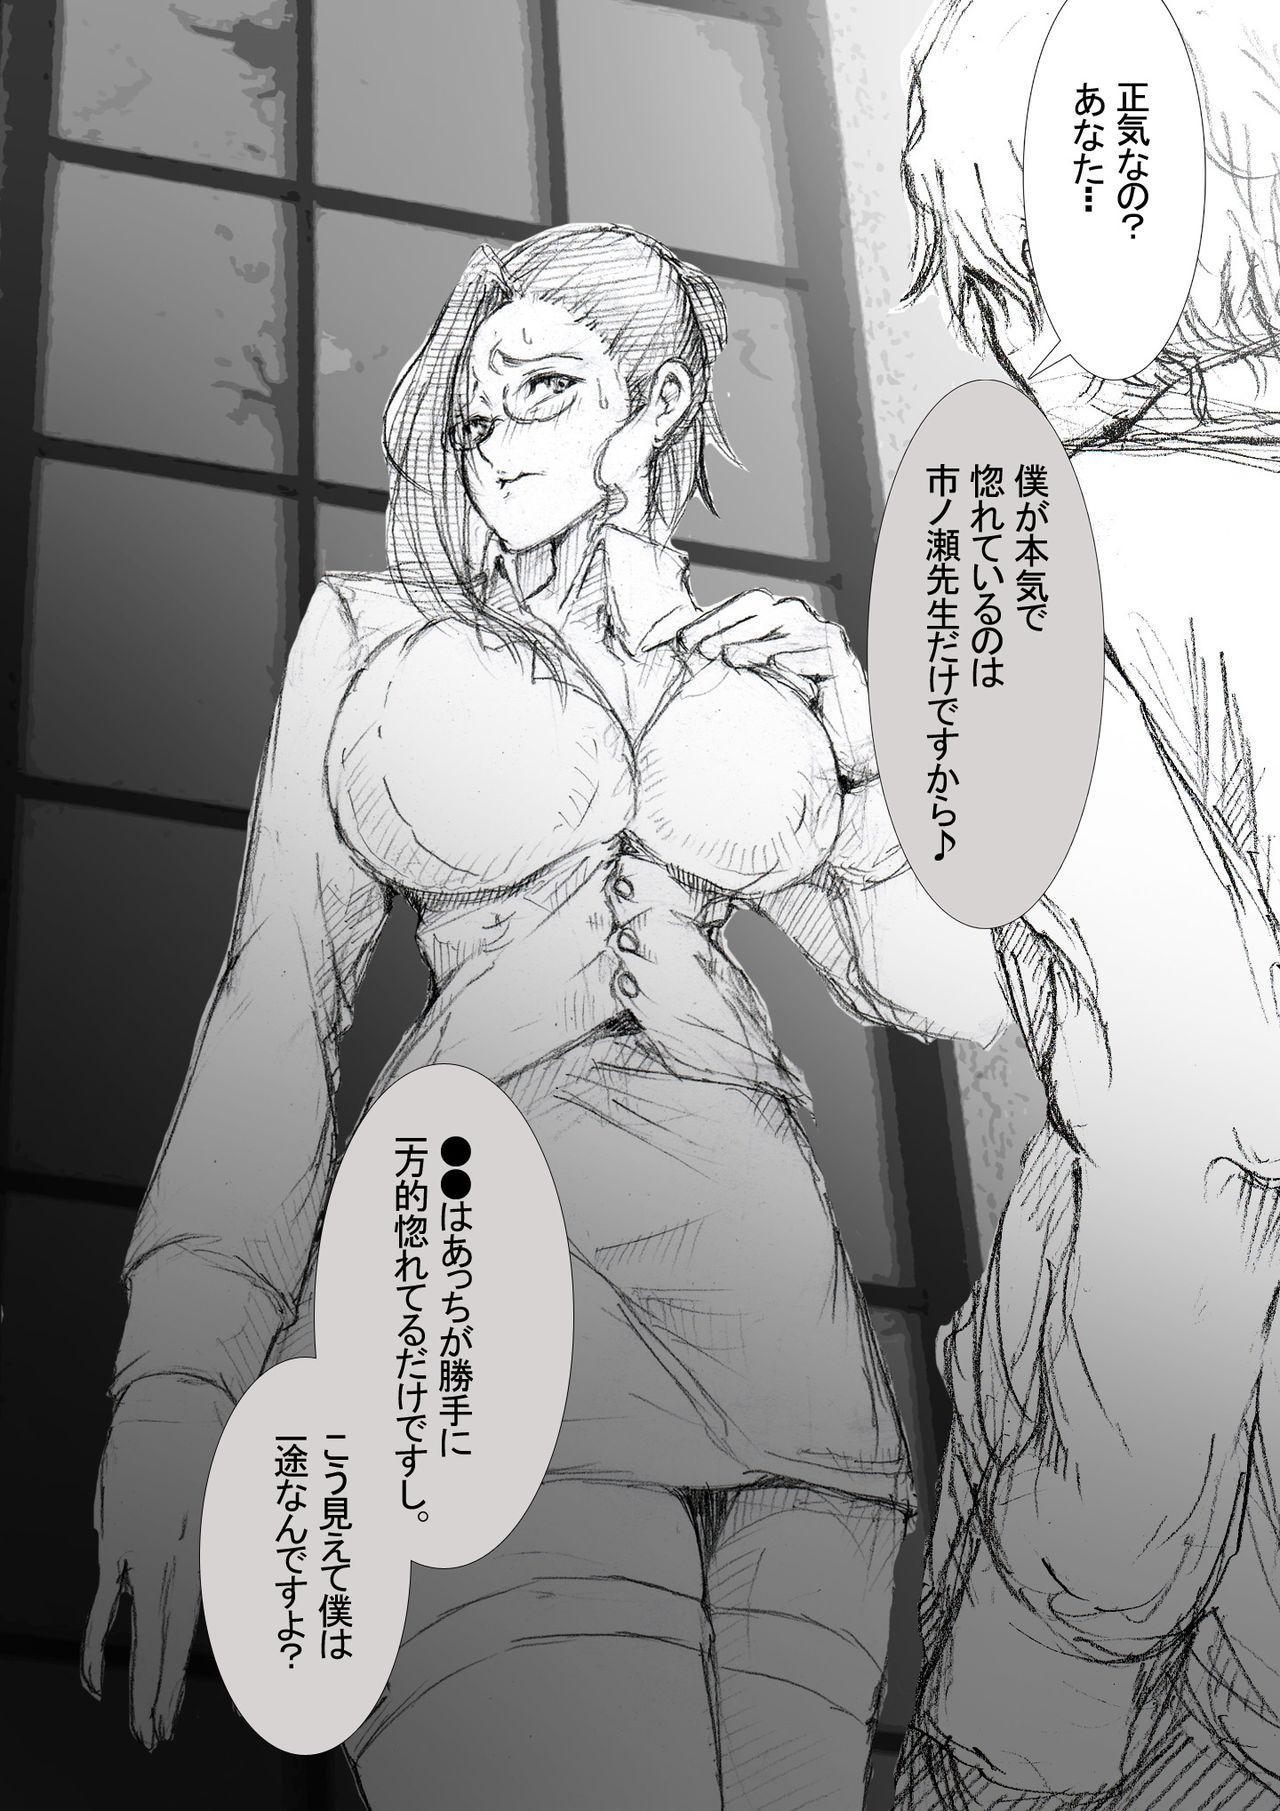 Ichinose Mikako no Baai 17